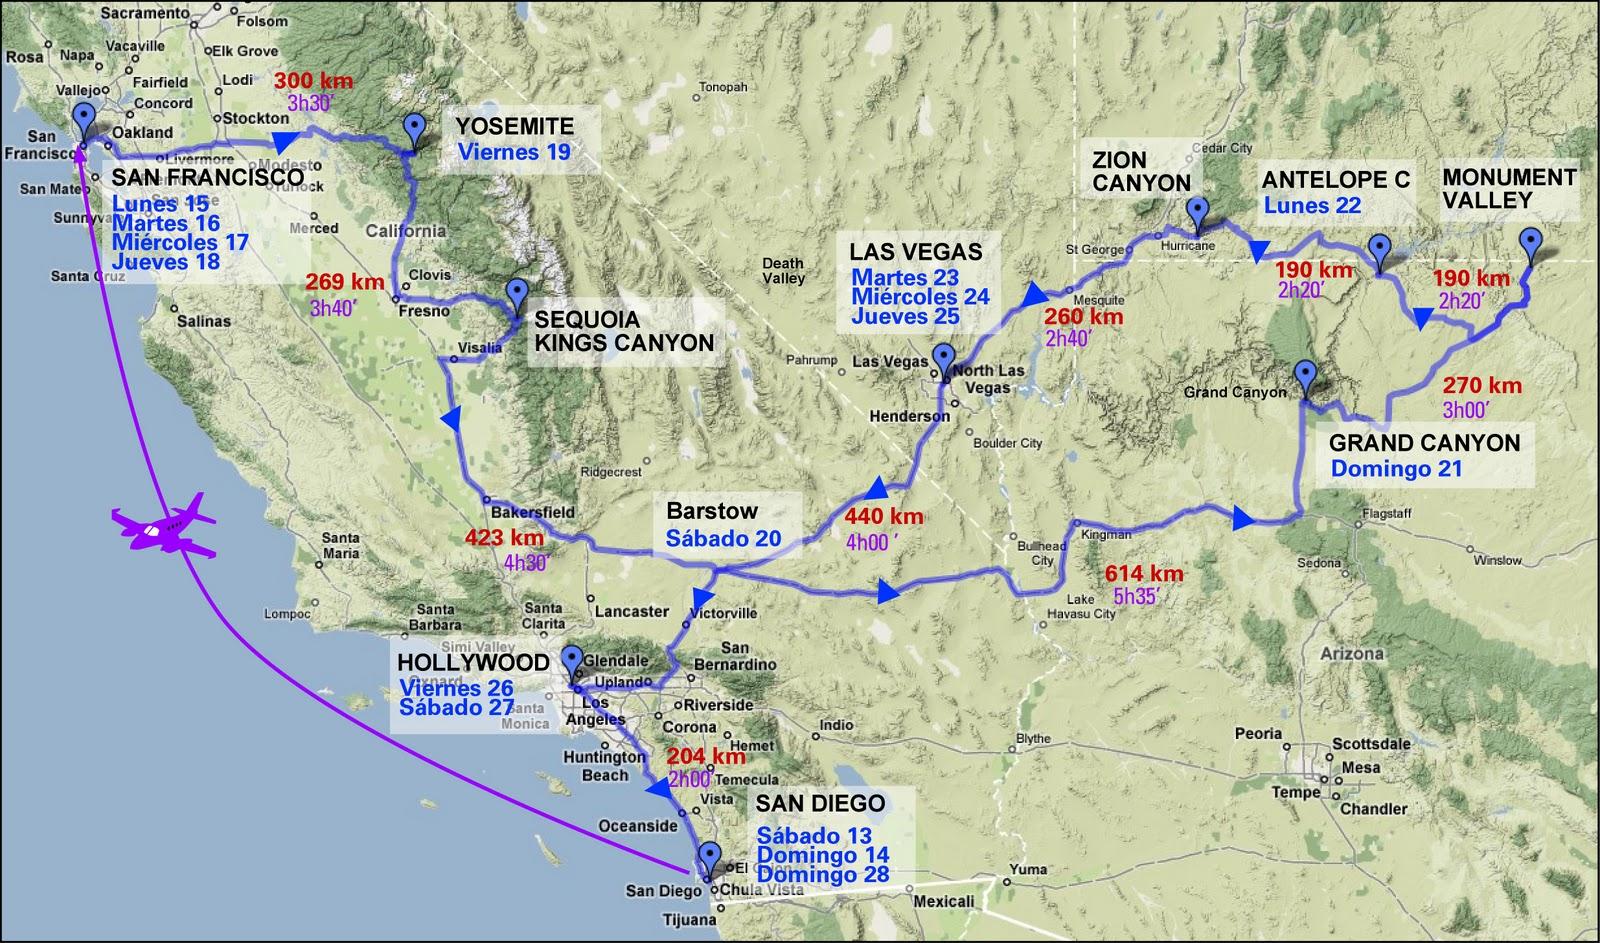 Mapa Eeuu Costa Oeste.Mapas De Estados Unidos Oeste Viajando